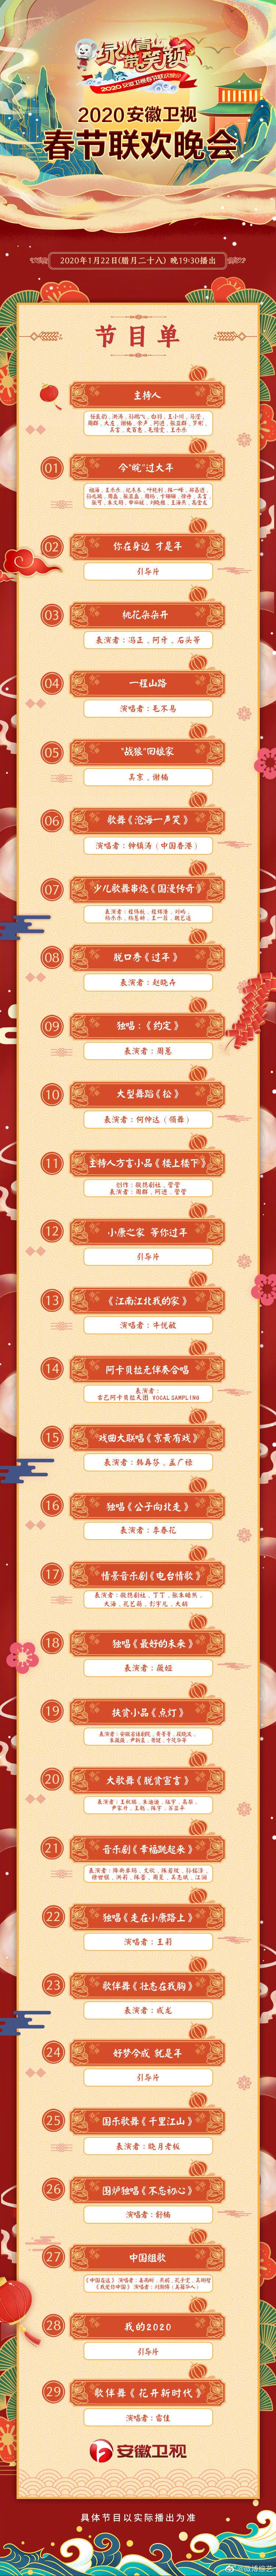 安徽春晚节目单来啦,毛不易,吴京谢楠,钟镇涛,薇娅